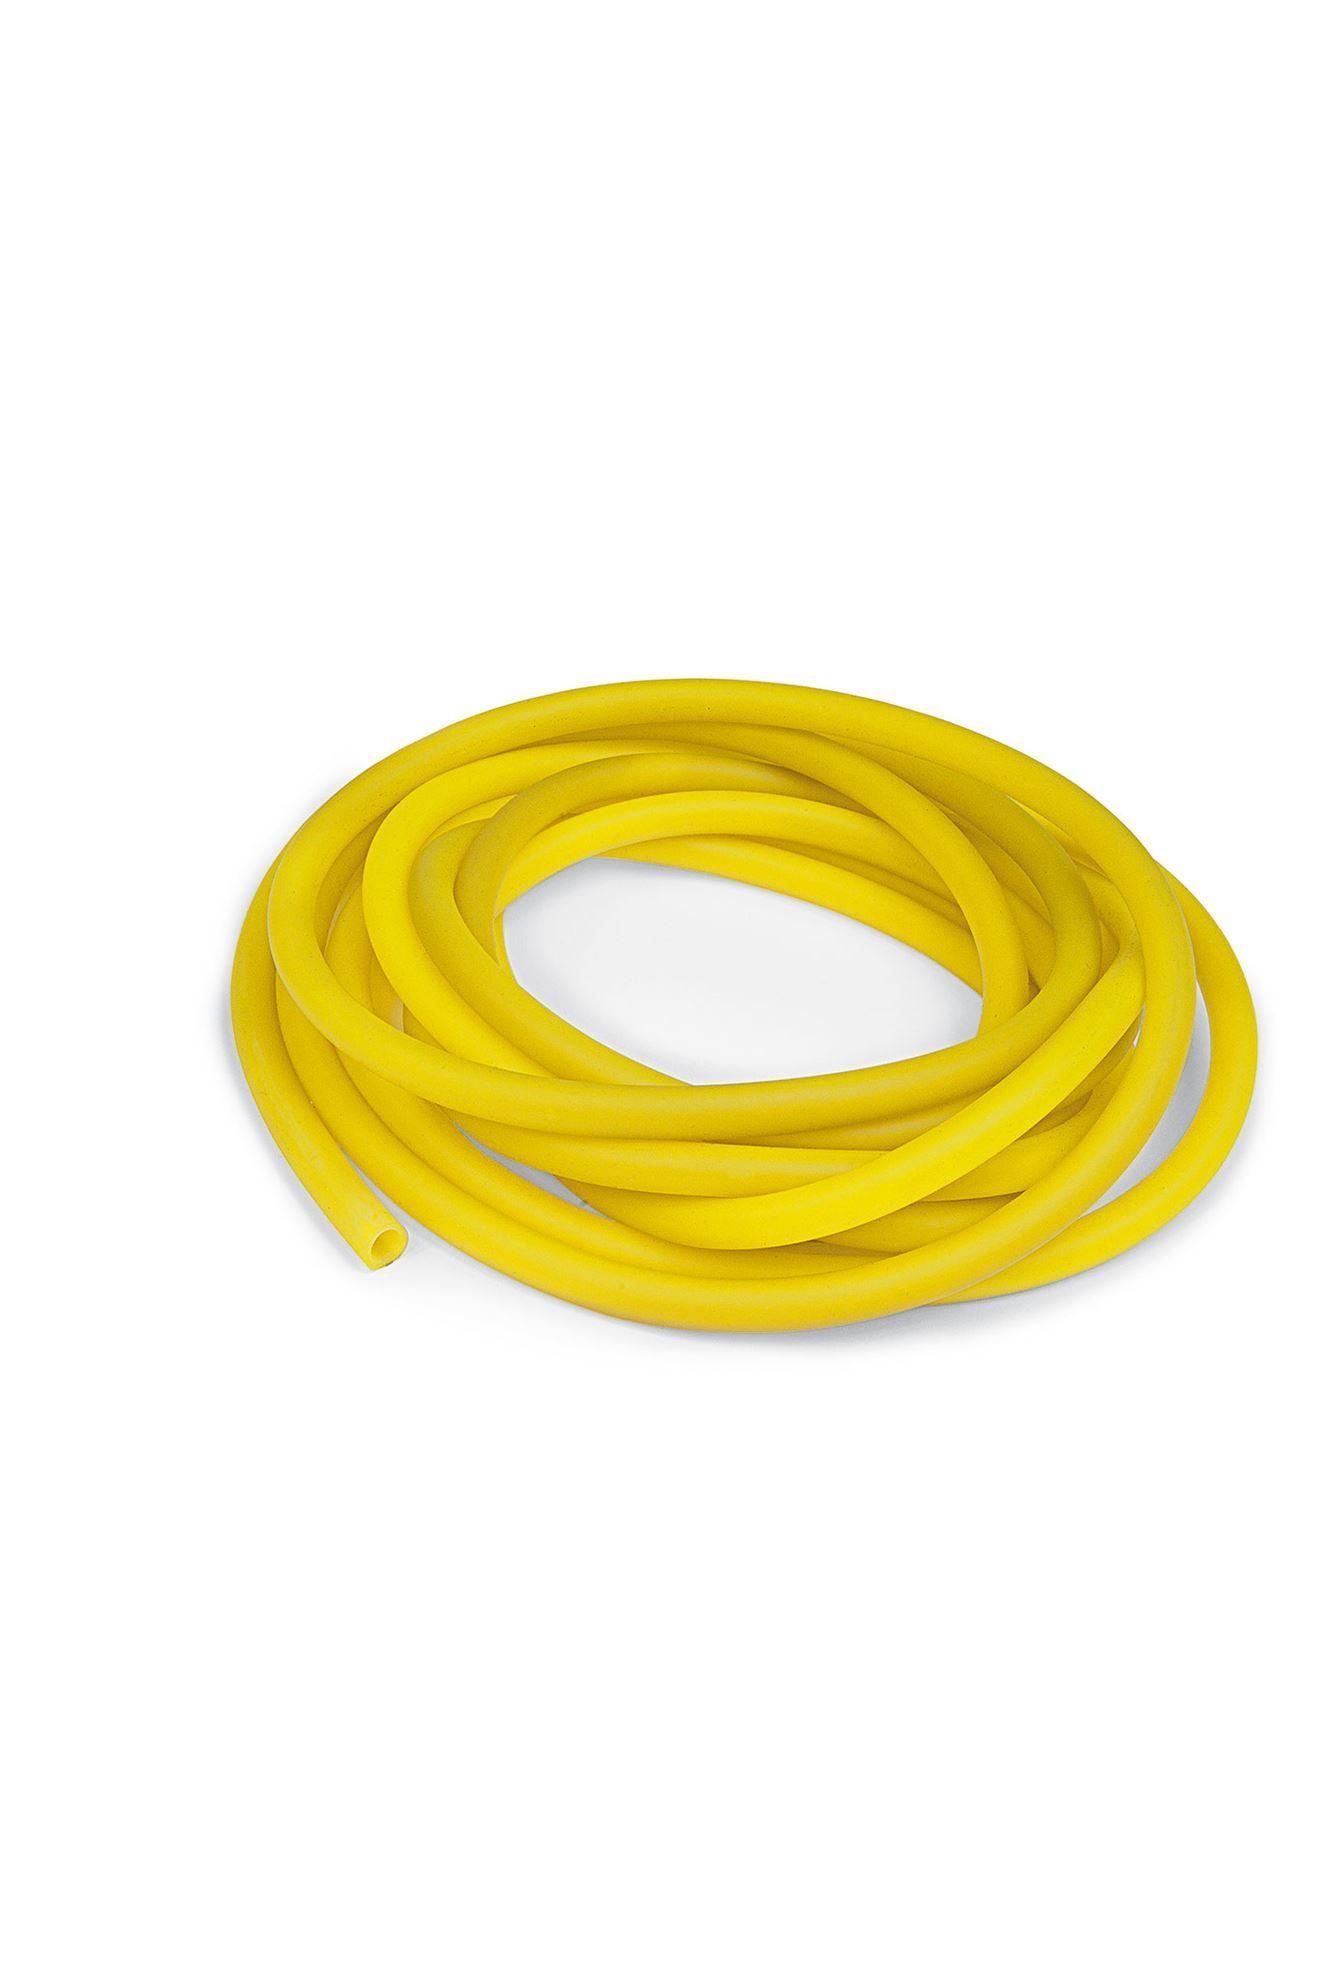 206066 - YELLOW ELASTIC TUBE